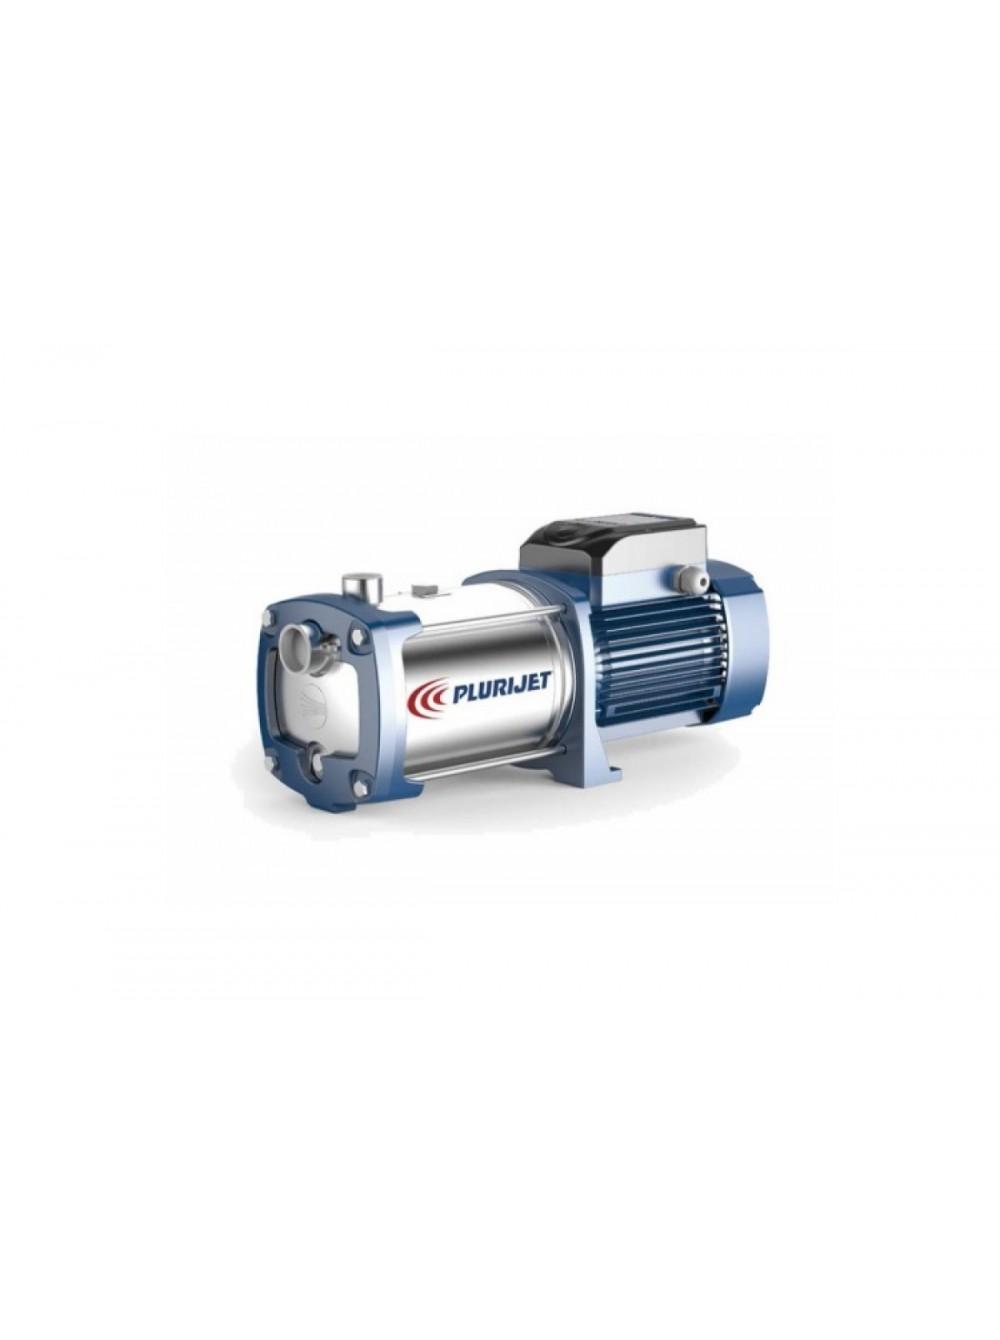 Многоступенчатый центробежный насос Pedrollo PLURIJETm 4/200 1,5 кВт цена